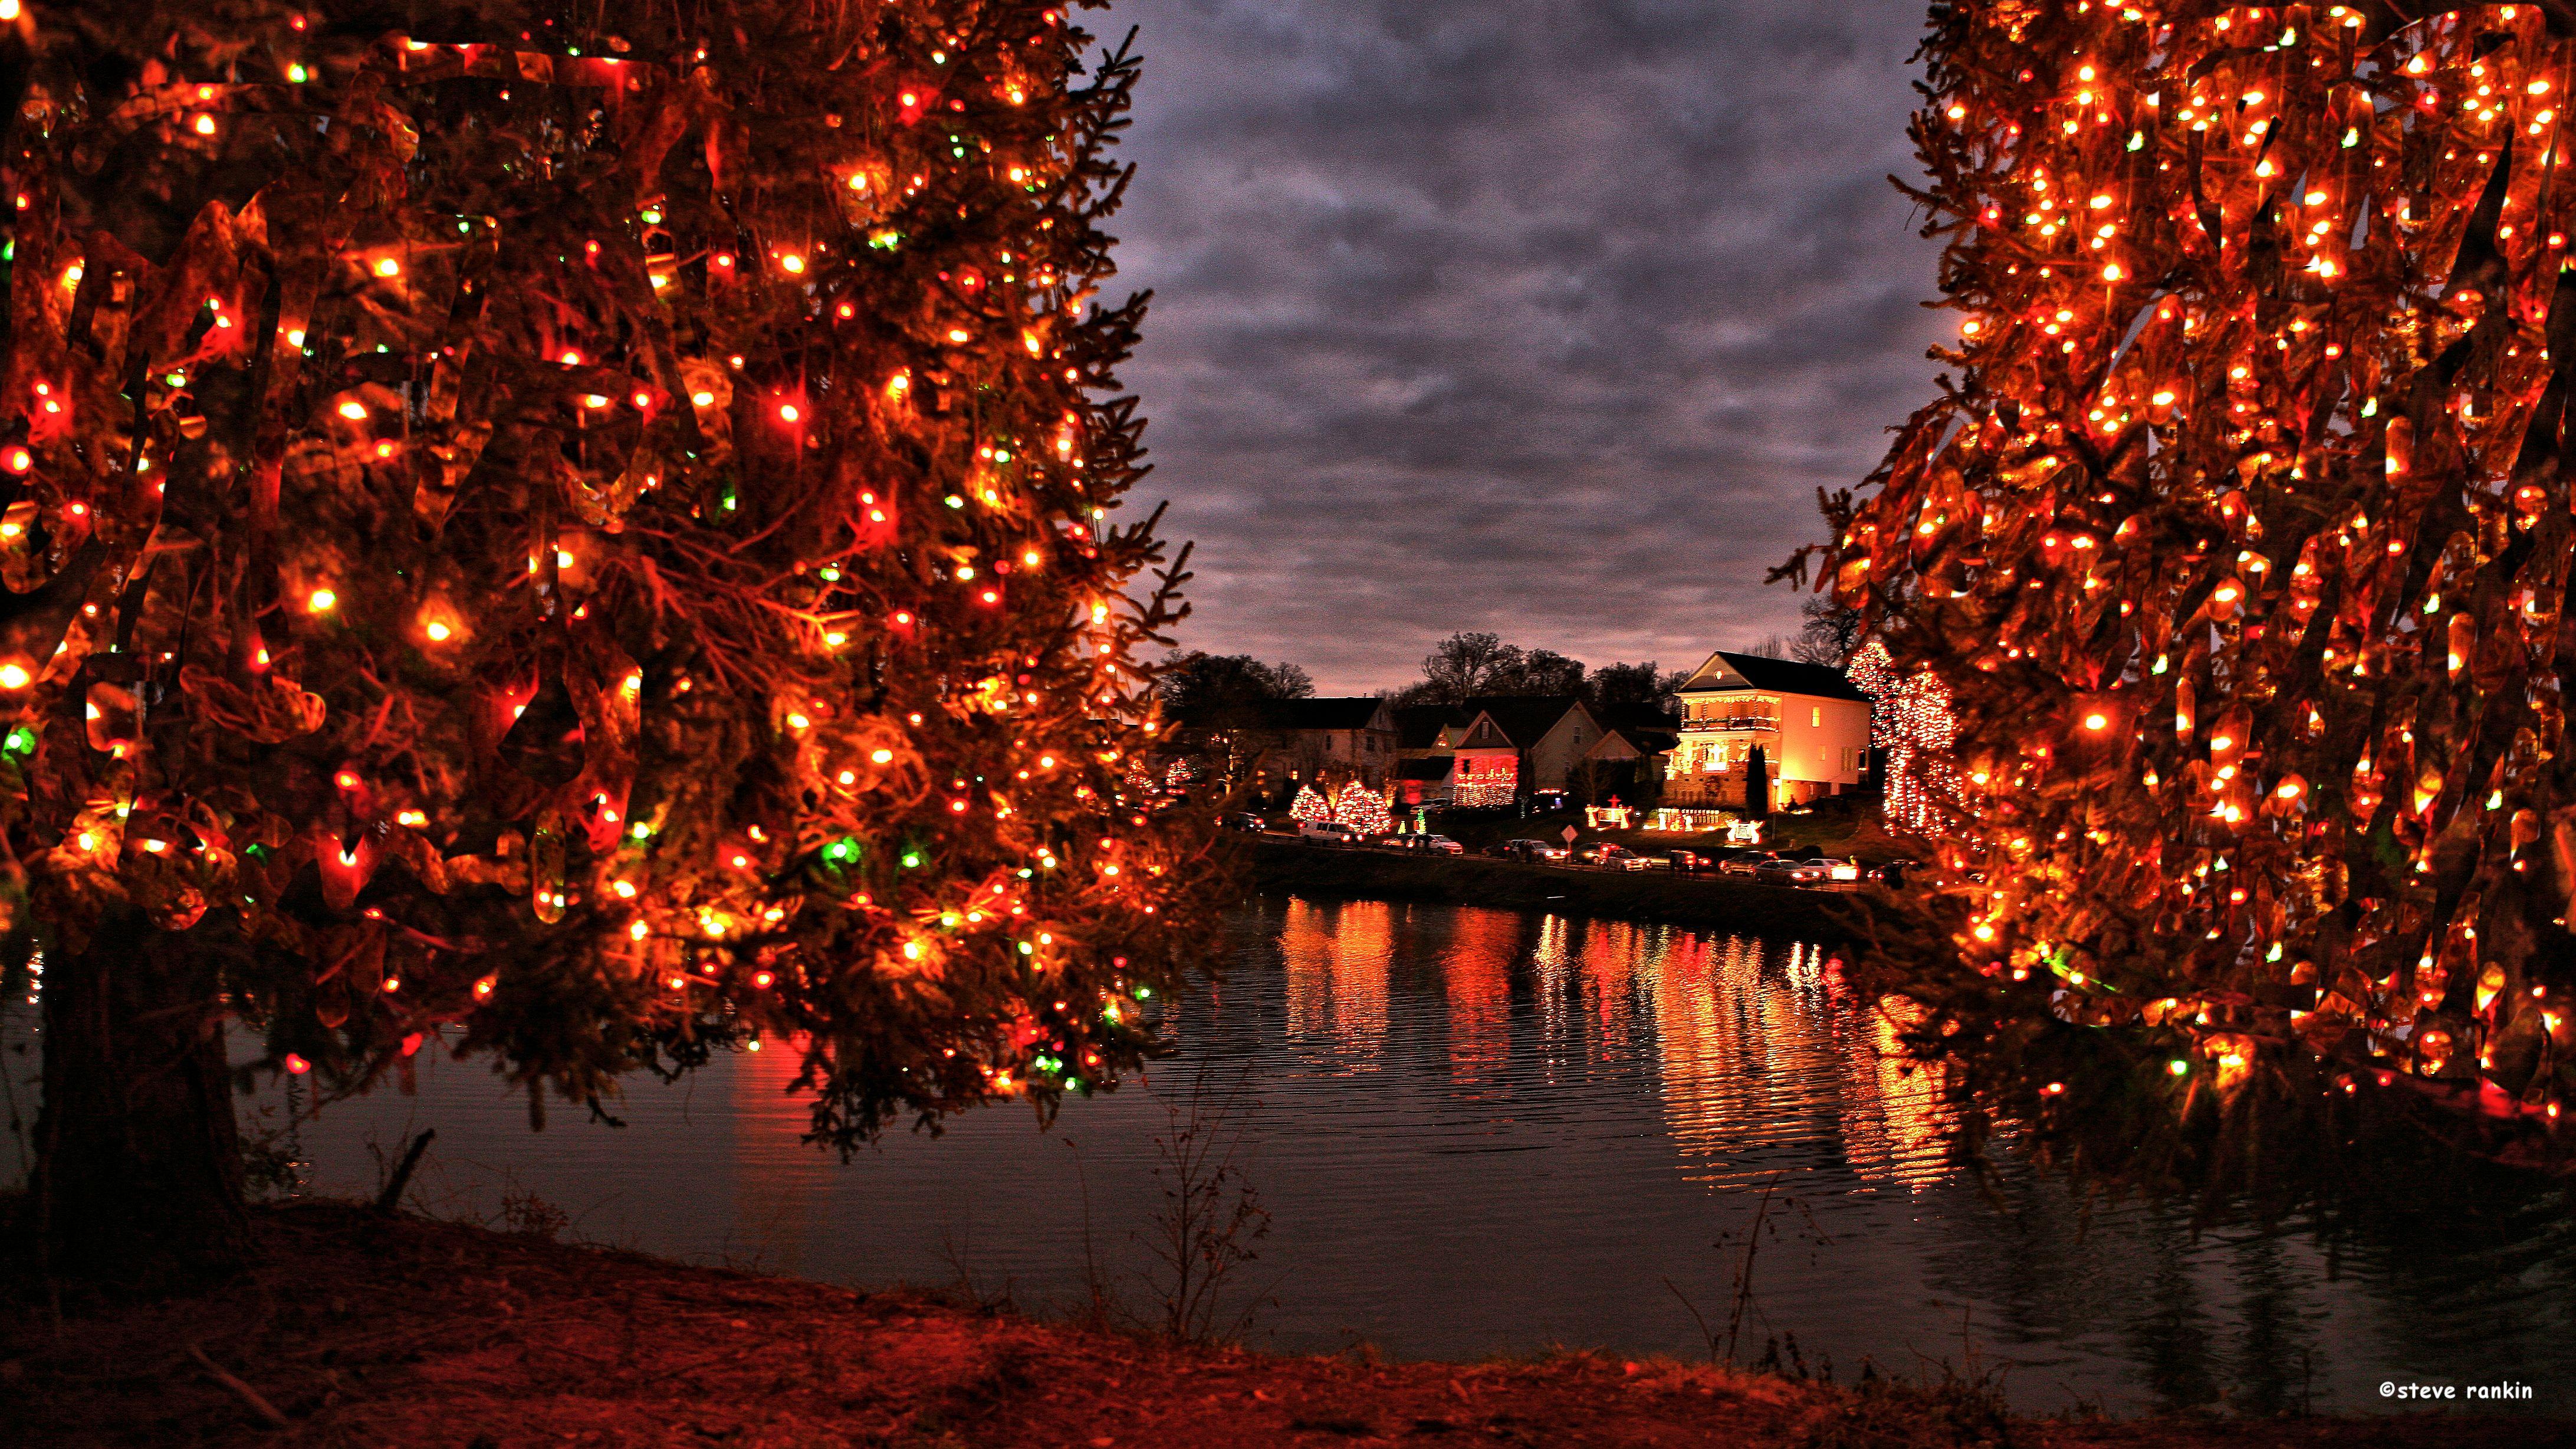 Christmastown USA Lights at Lake McAdenv